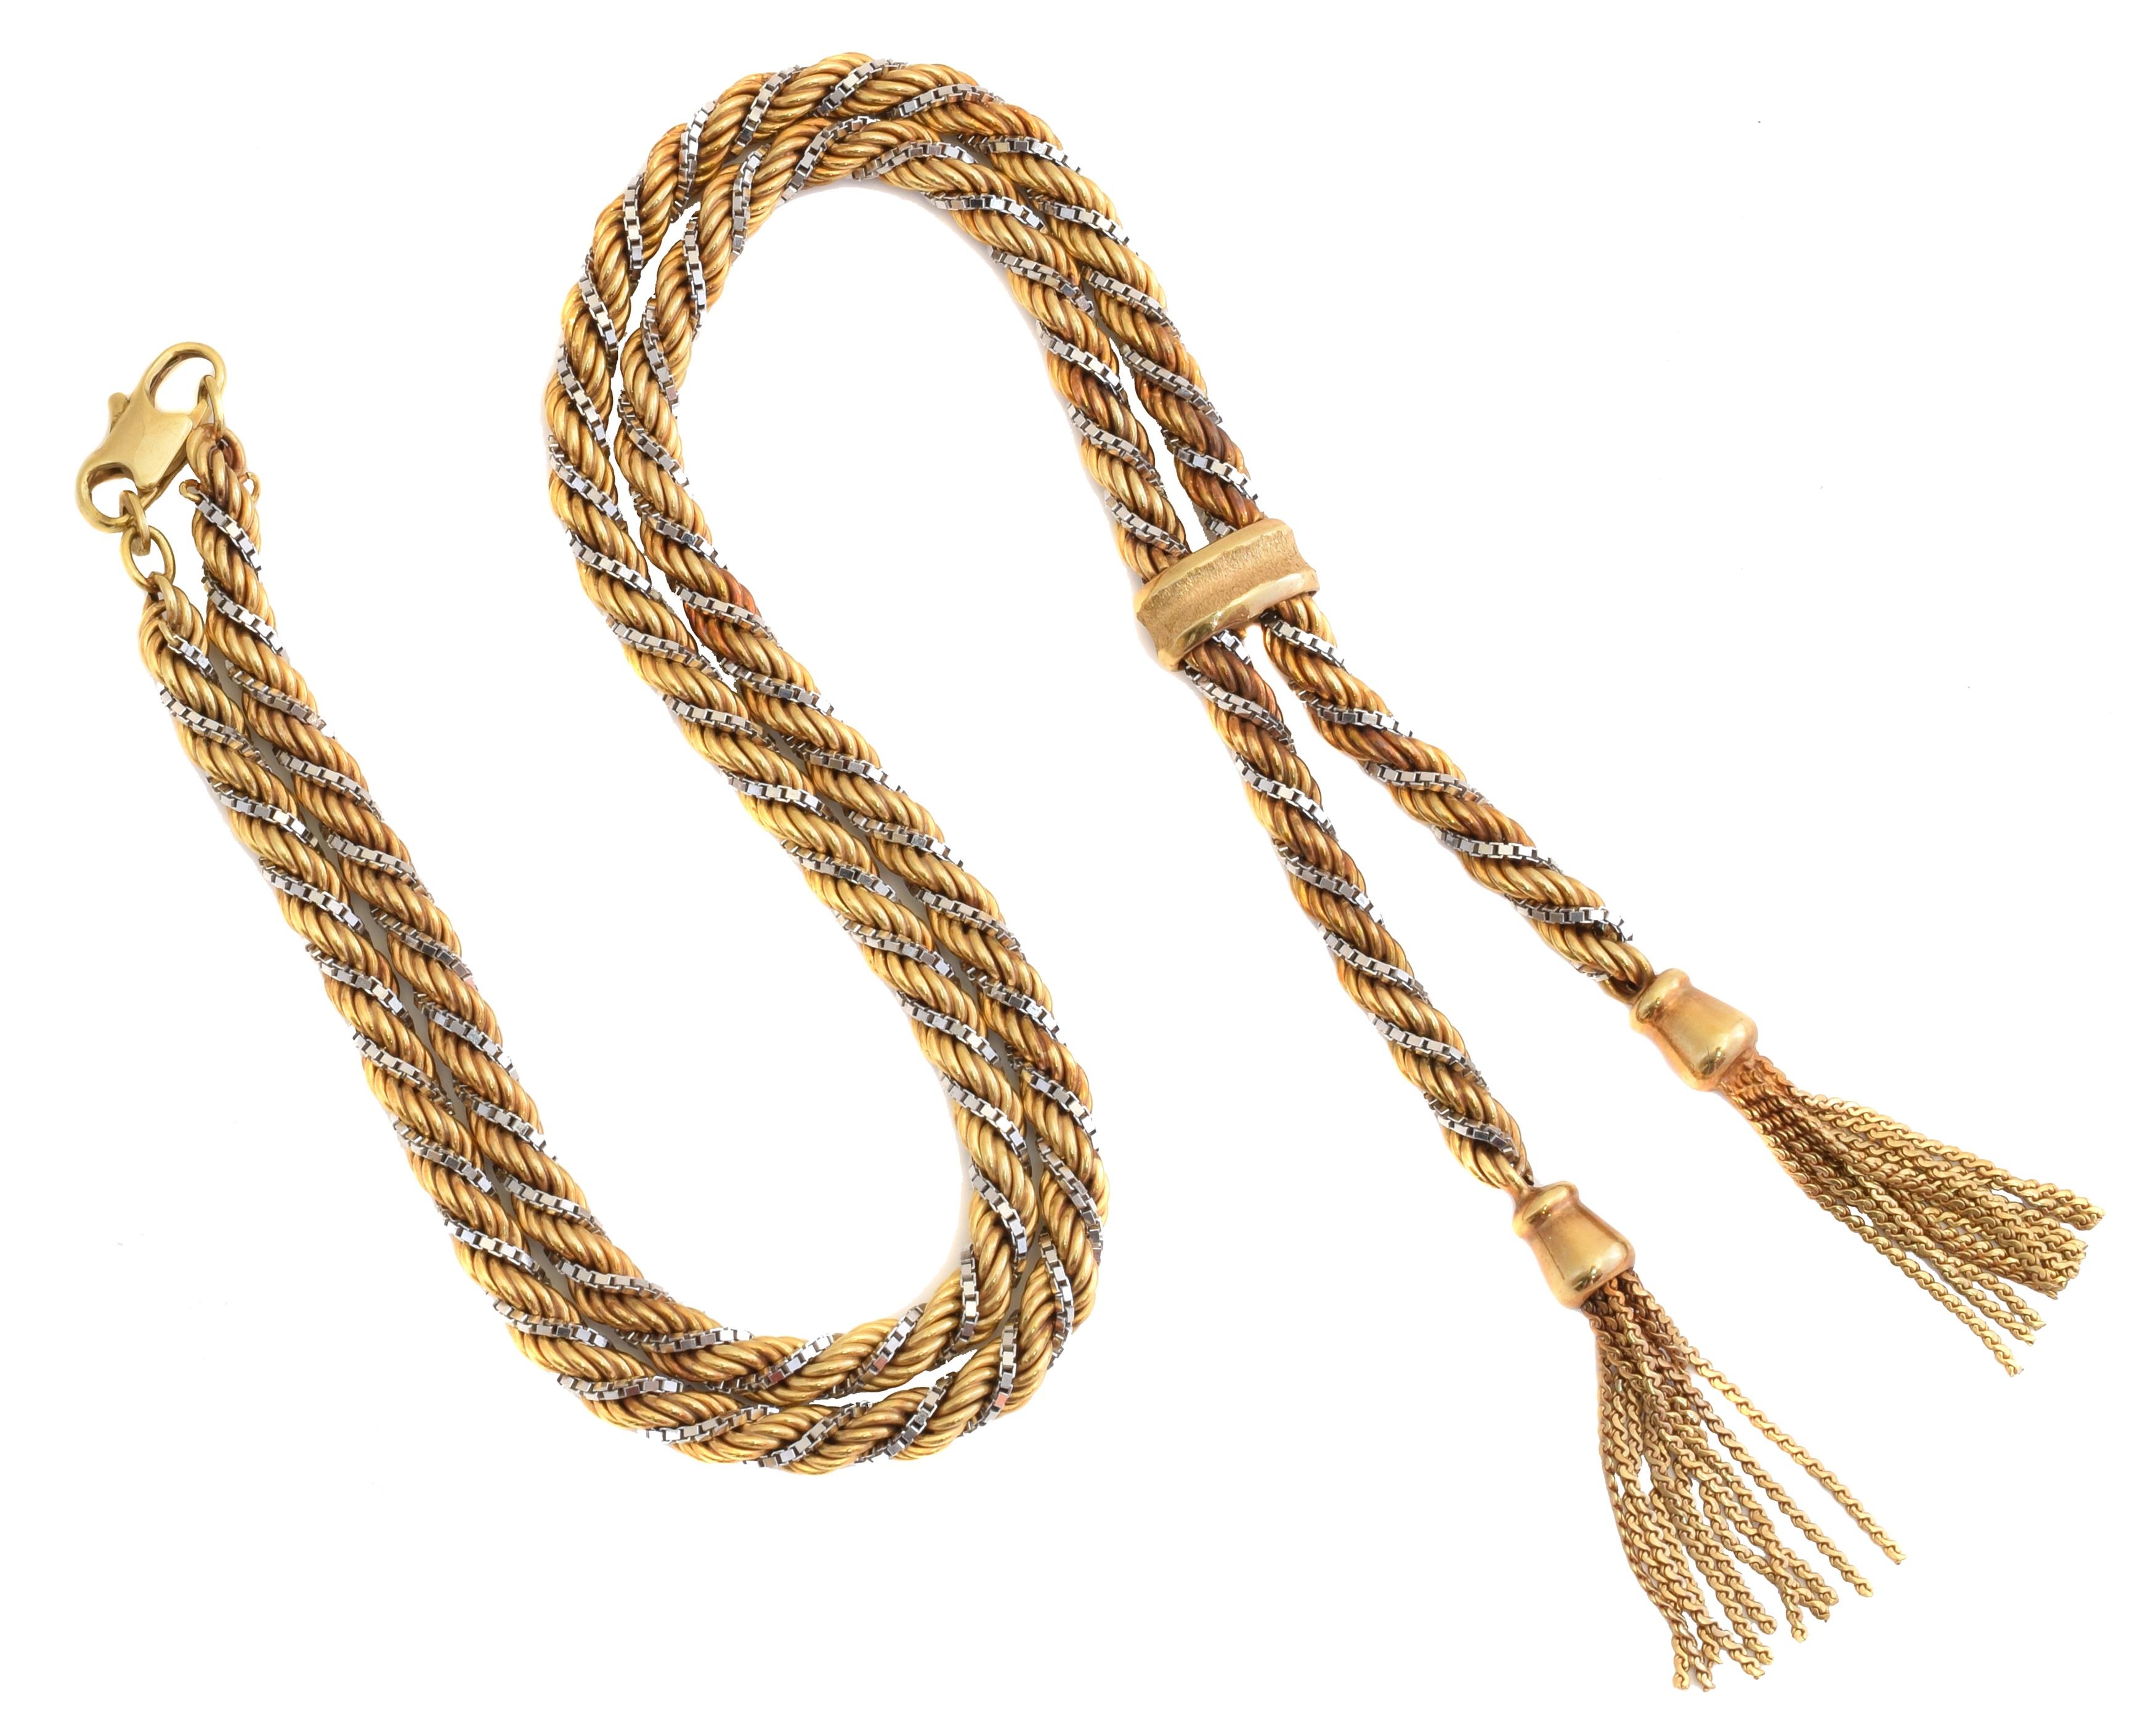 UnoAErre Jewellery